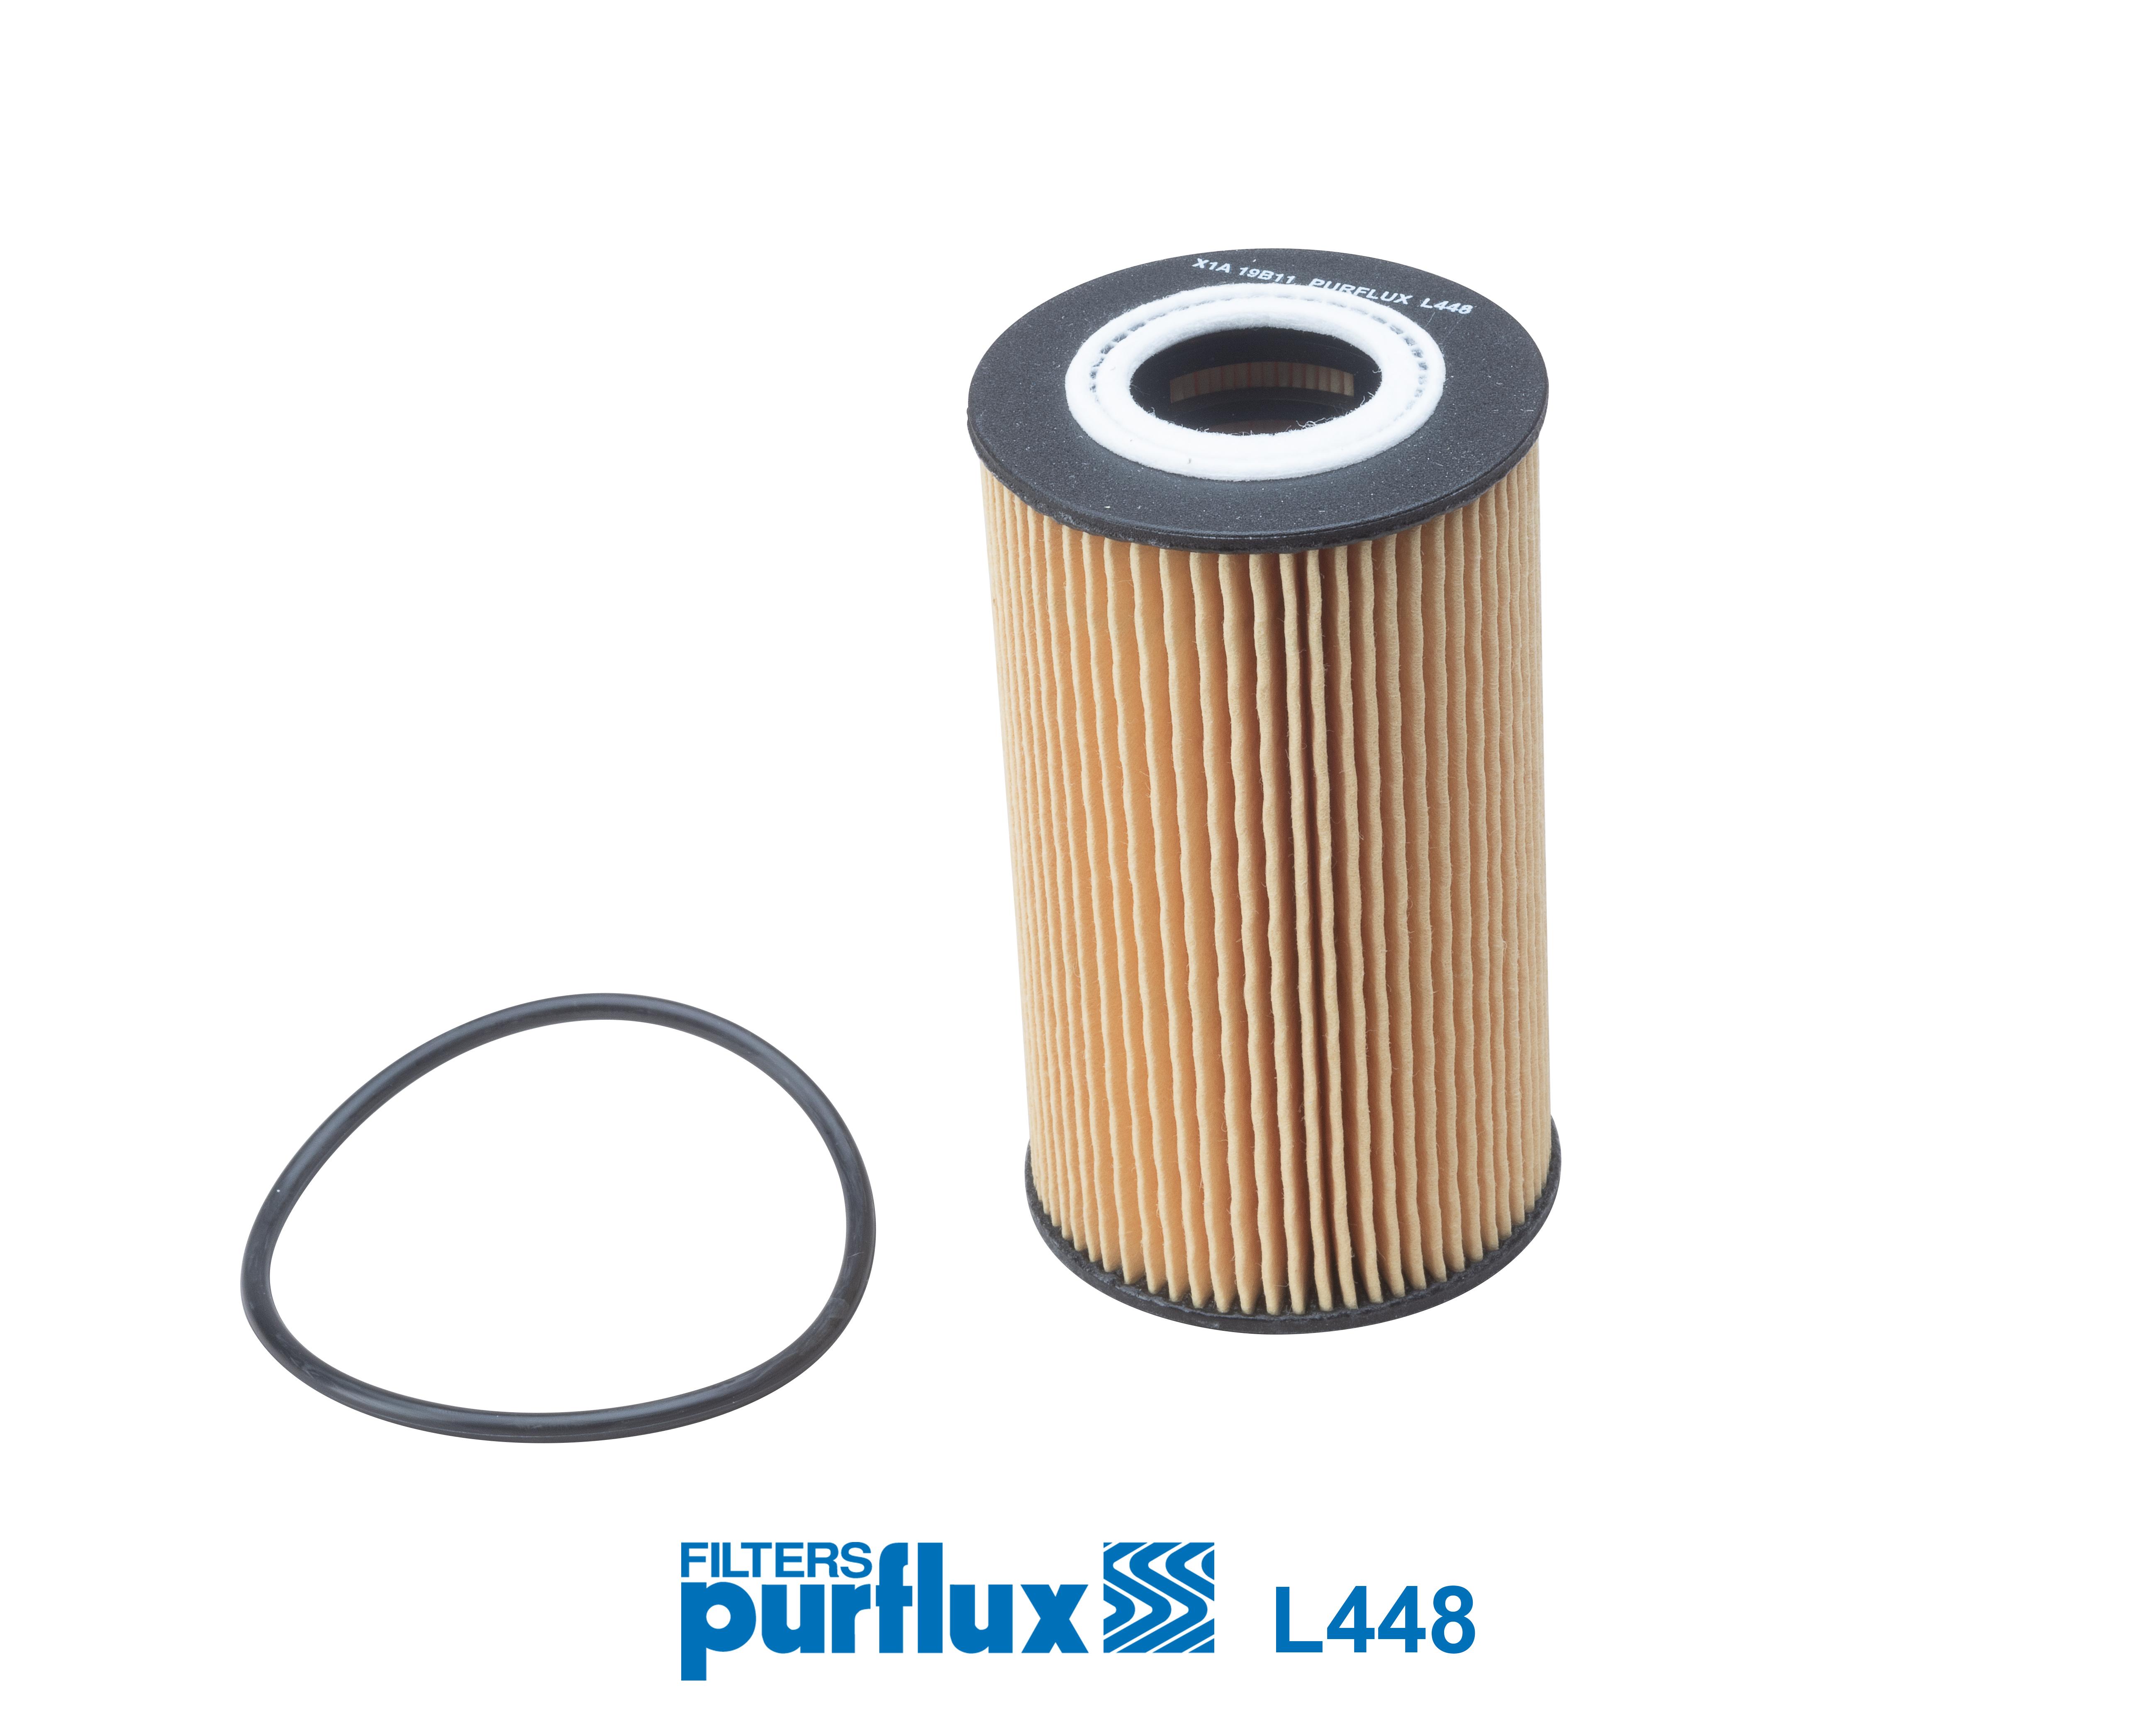 Purflux L974 Oil Filter